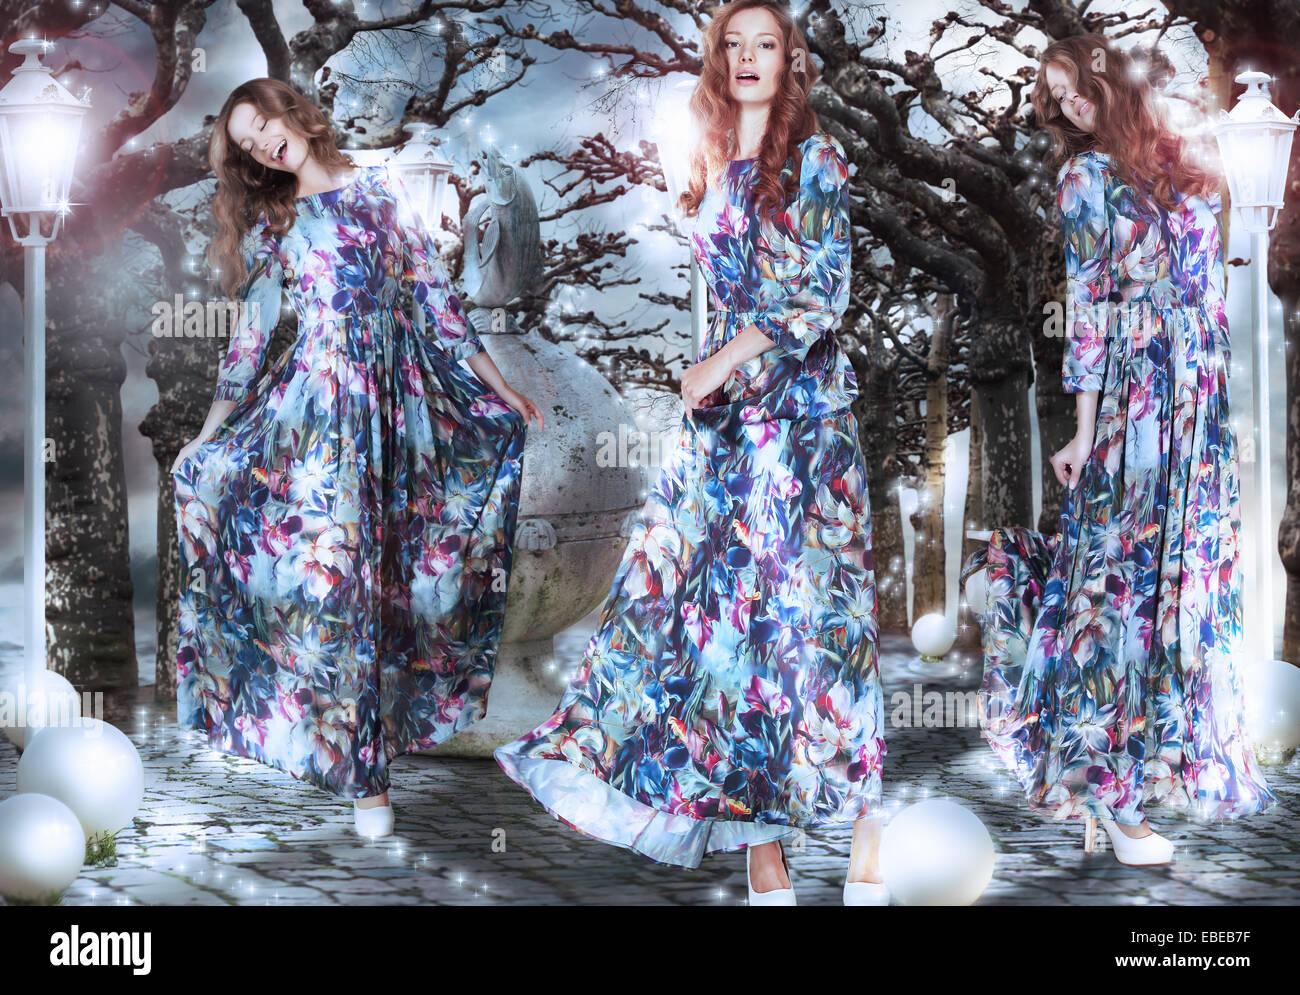 L'inspiration. La fantaisie. Les femmes en robes fleuries entre les arbres Photo Stock